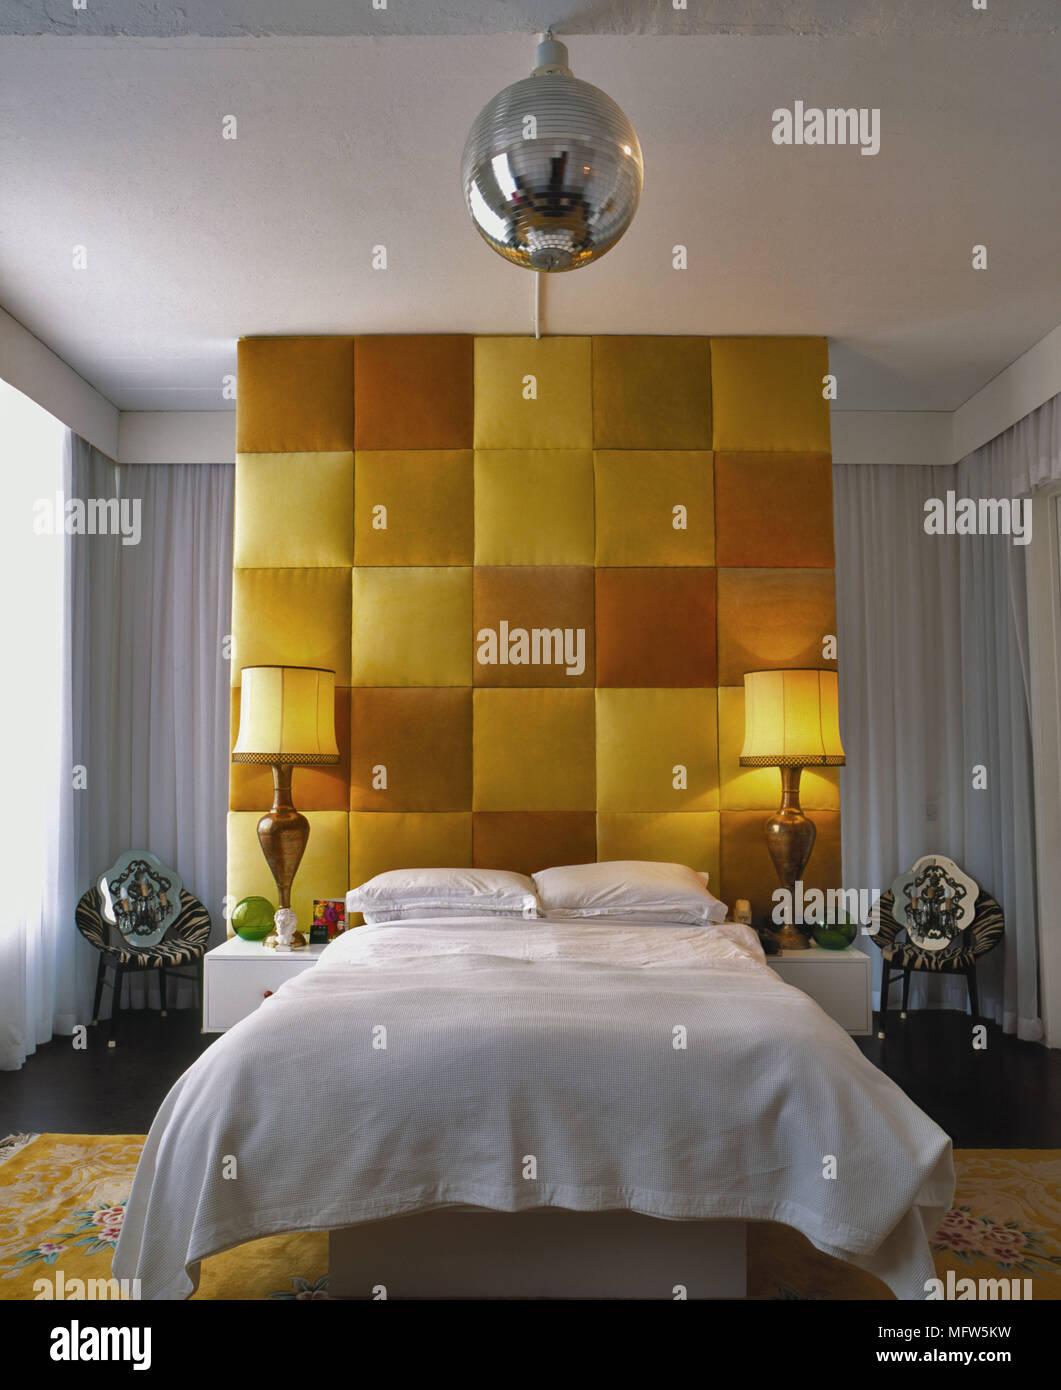 Une Chambre Moderne Avec Meubles De Hauteur De Plafond En Panneau Tête  Rouge Jaune Et Orange Lit Double Paire De Feux